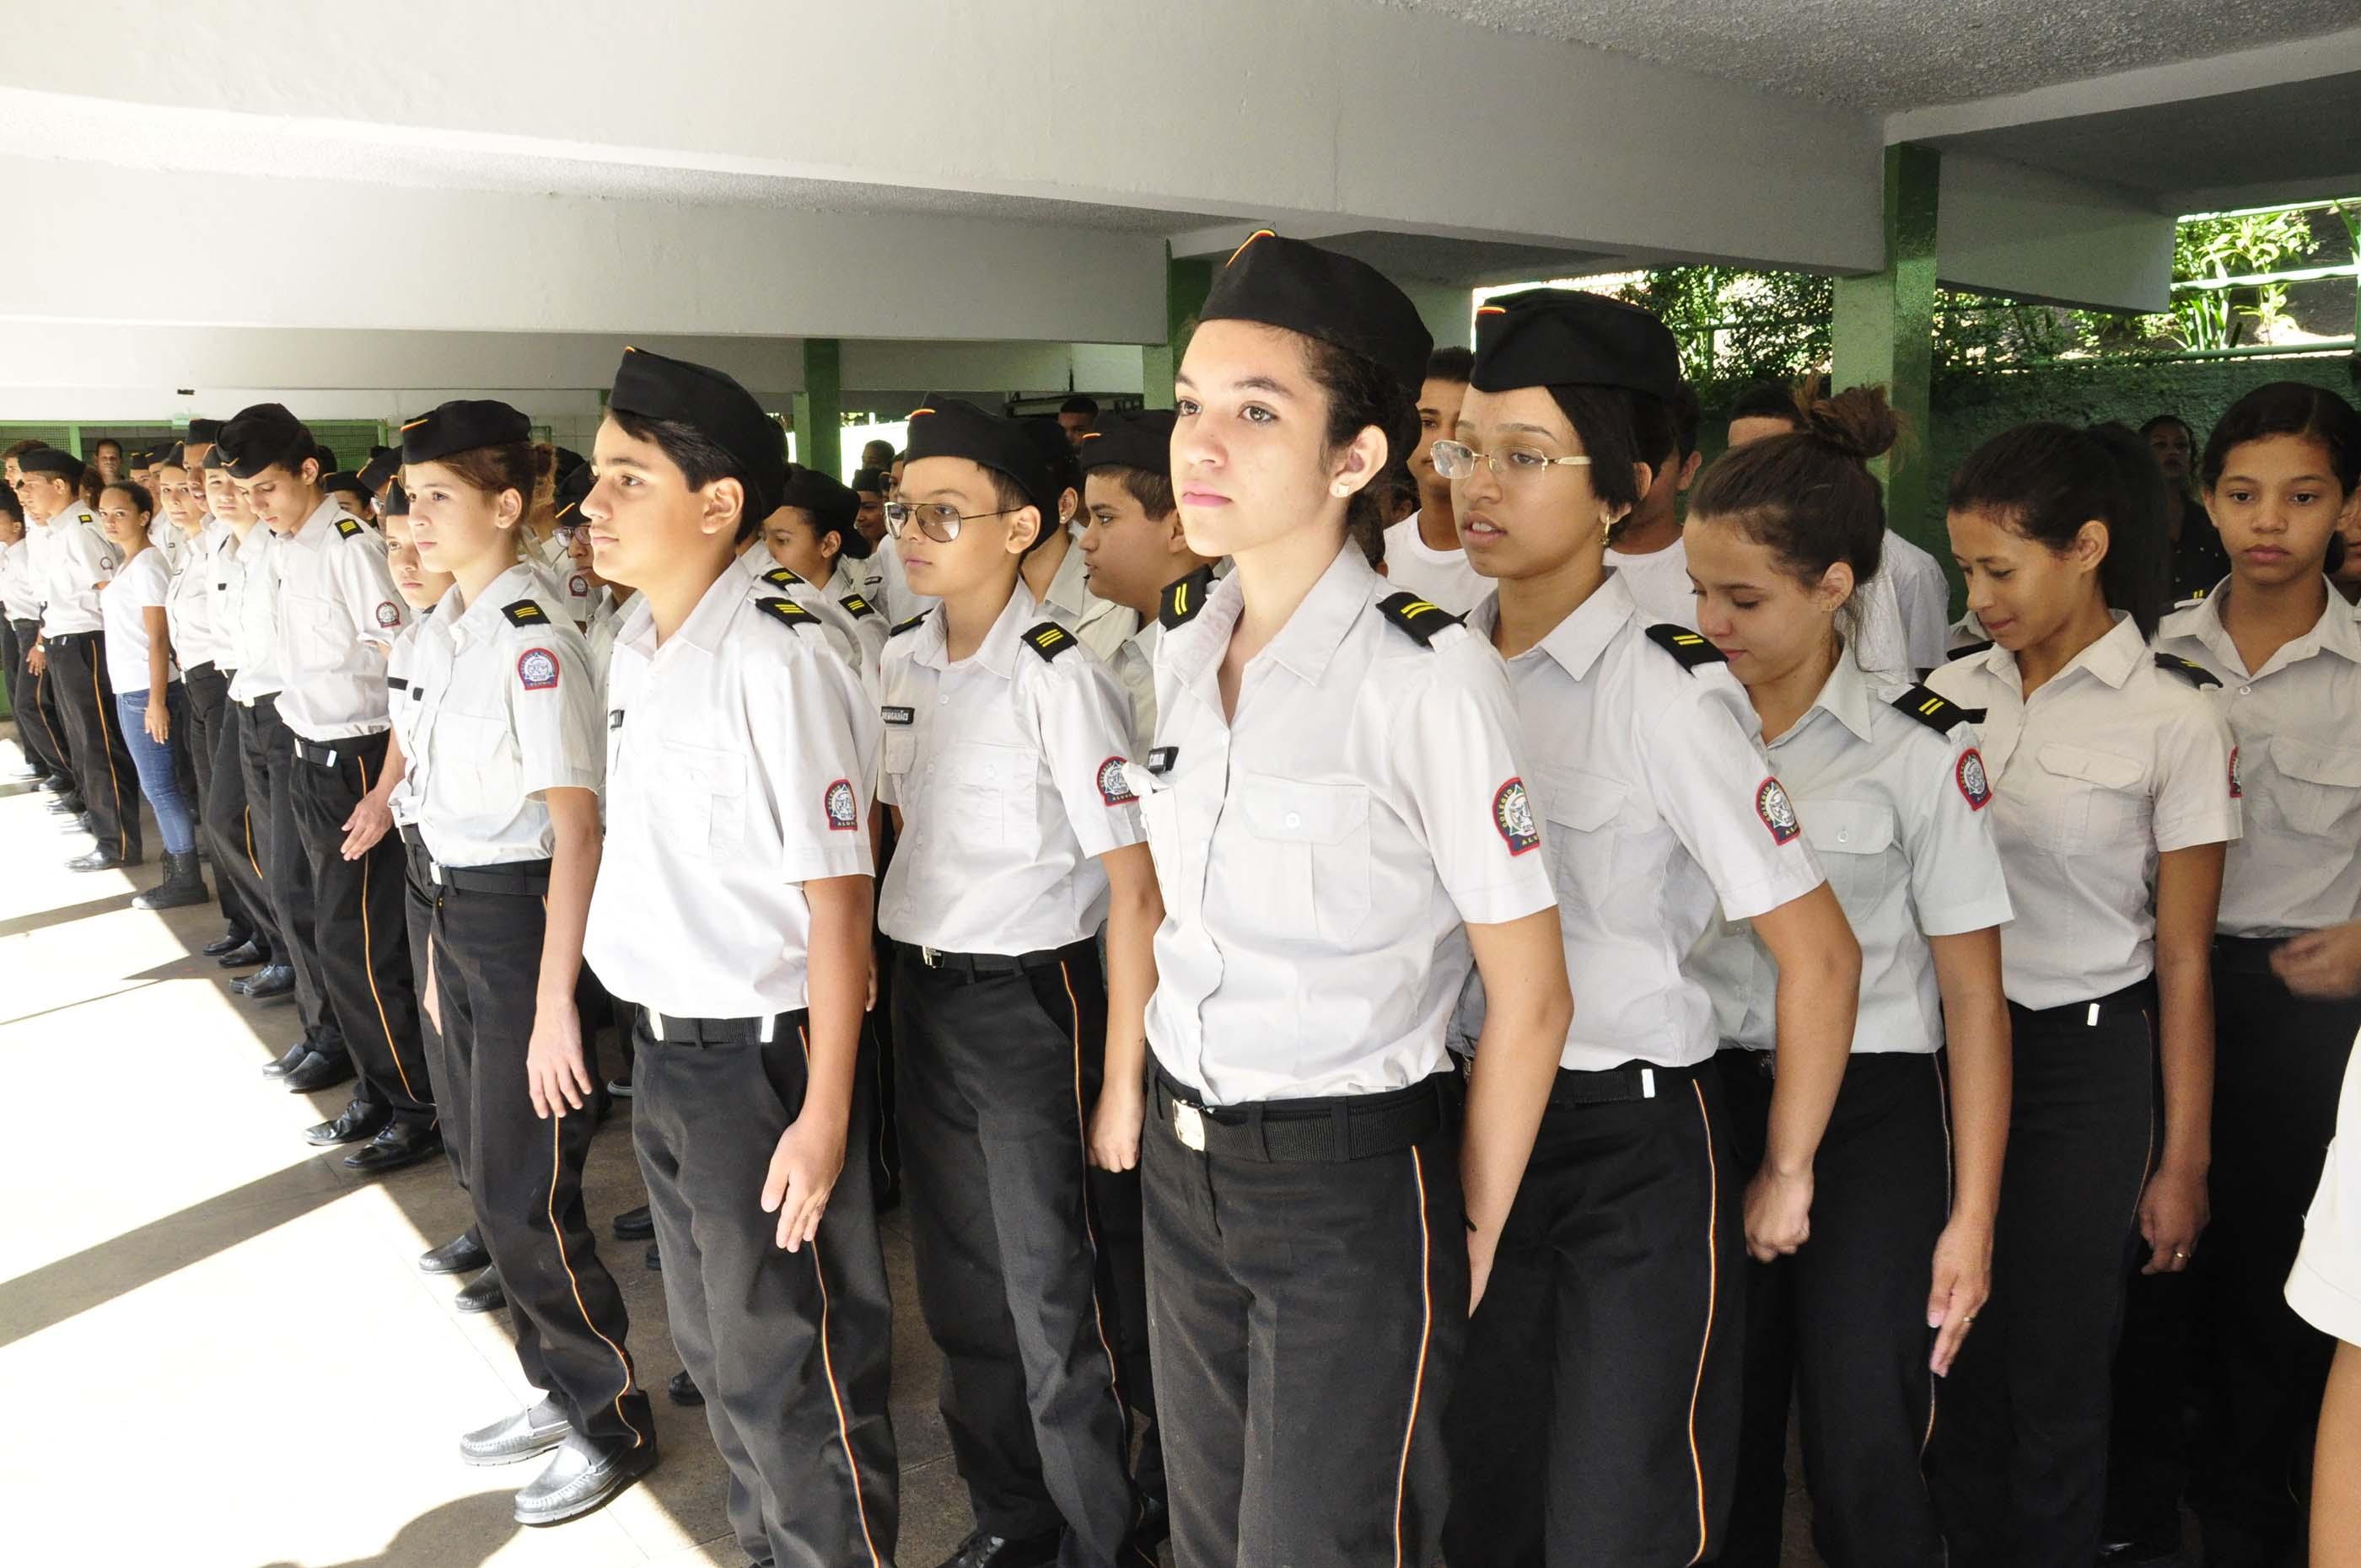 Unidade do Colégio Tiradentes é confirmada em Itabira; inscrições abertas nesta sexta-feira